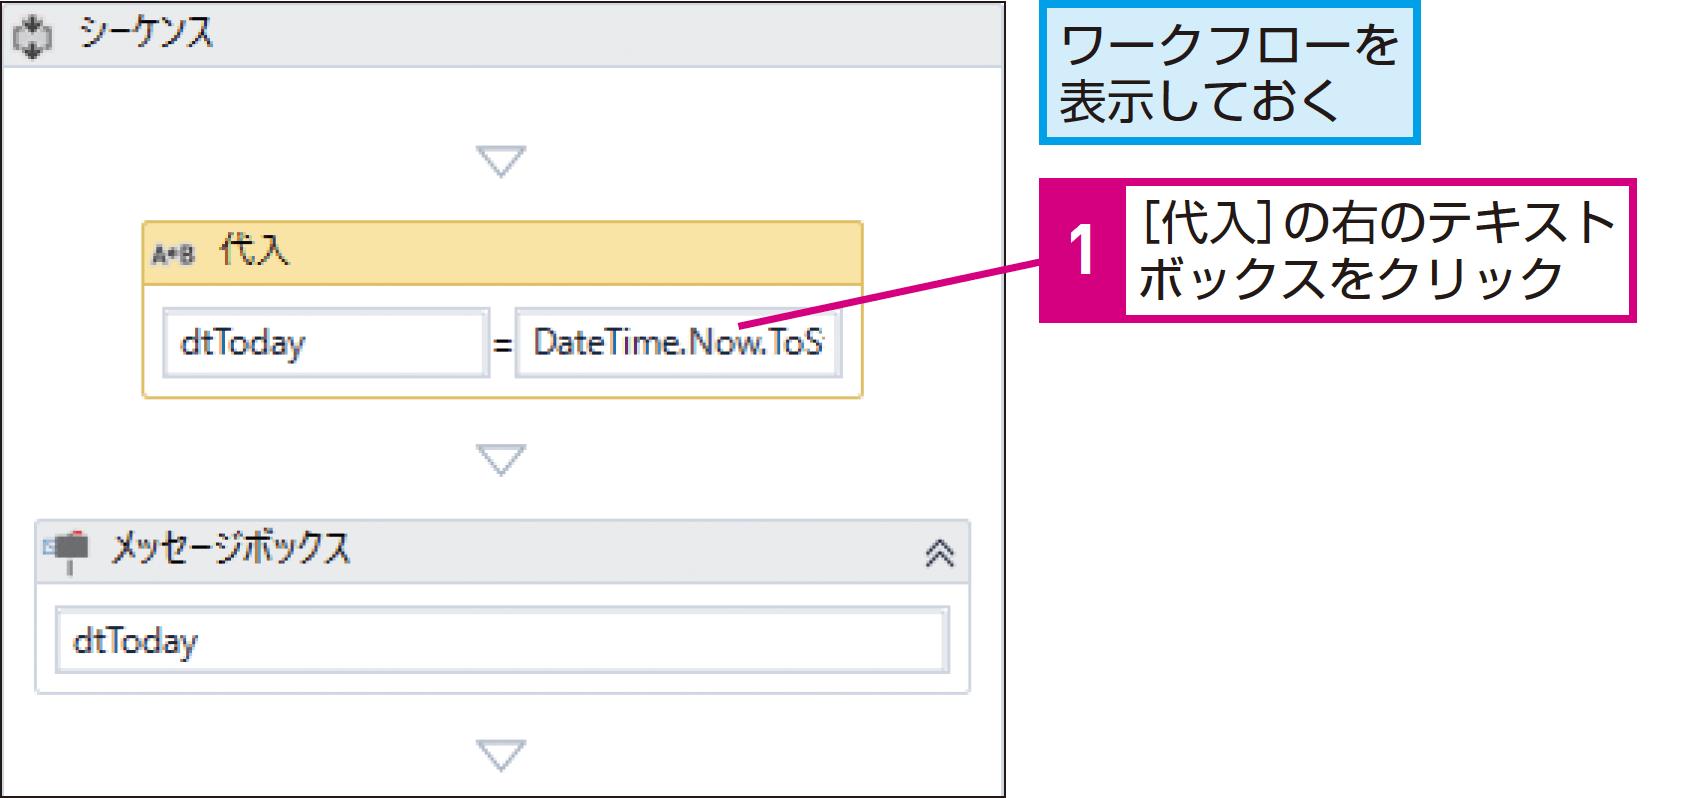 日付や時刻から必要な情報を取得するには(日時情報の取得) - できるUiPath